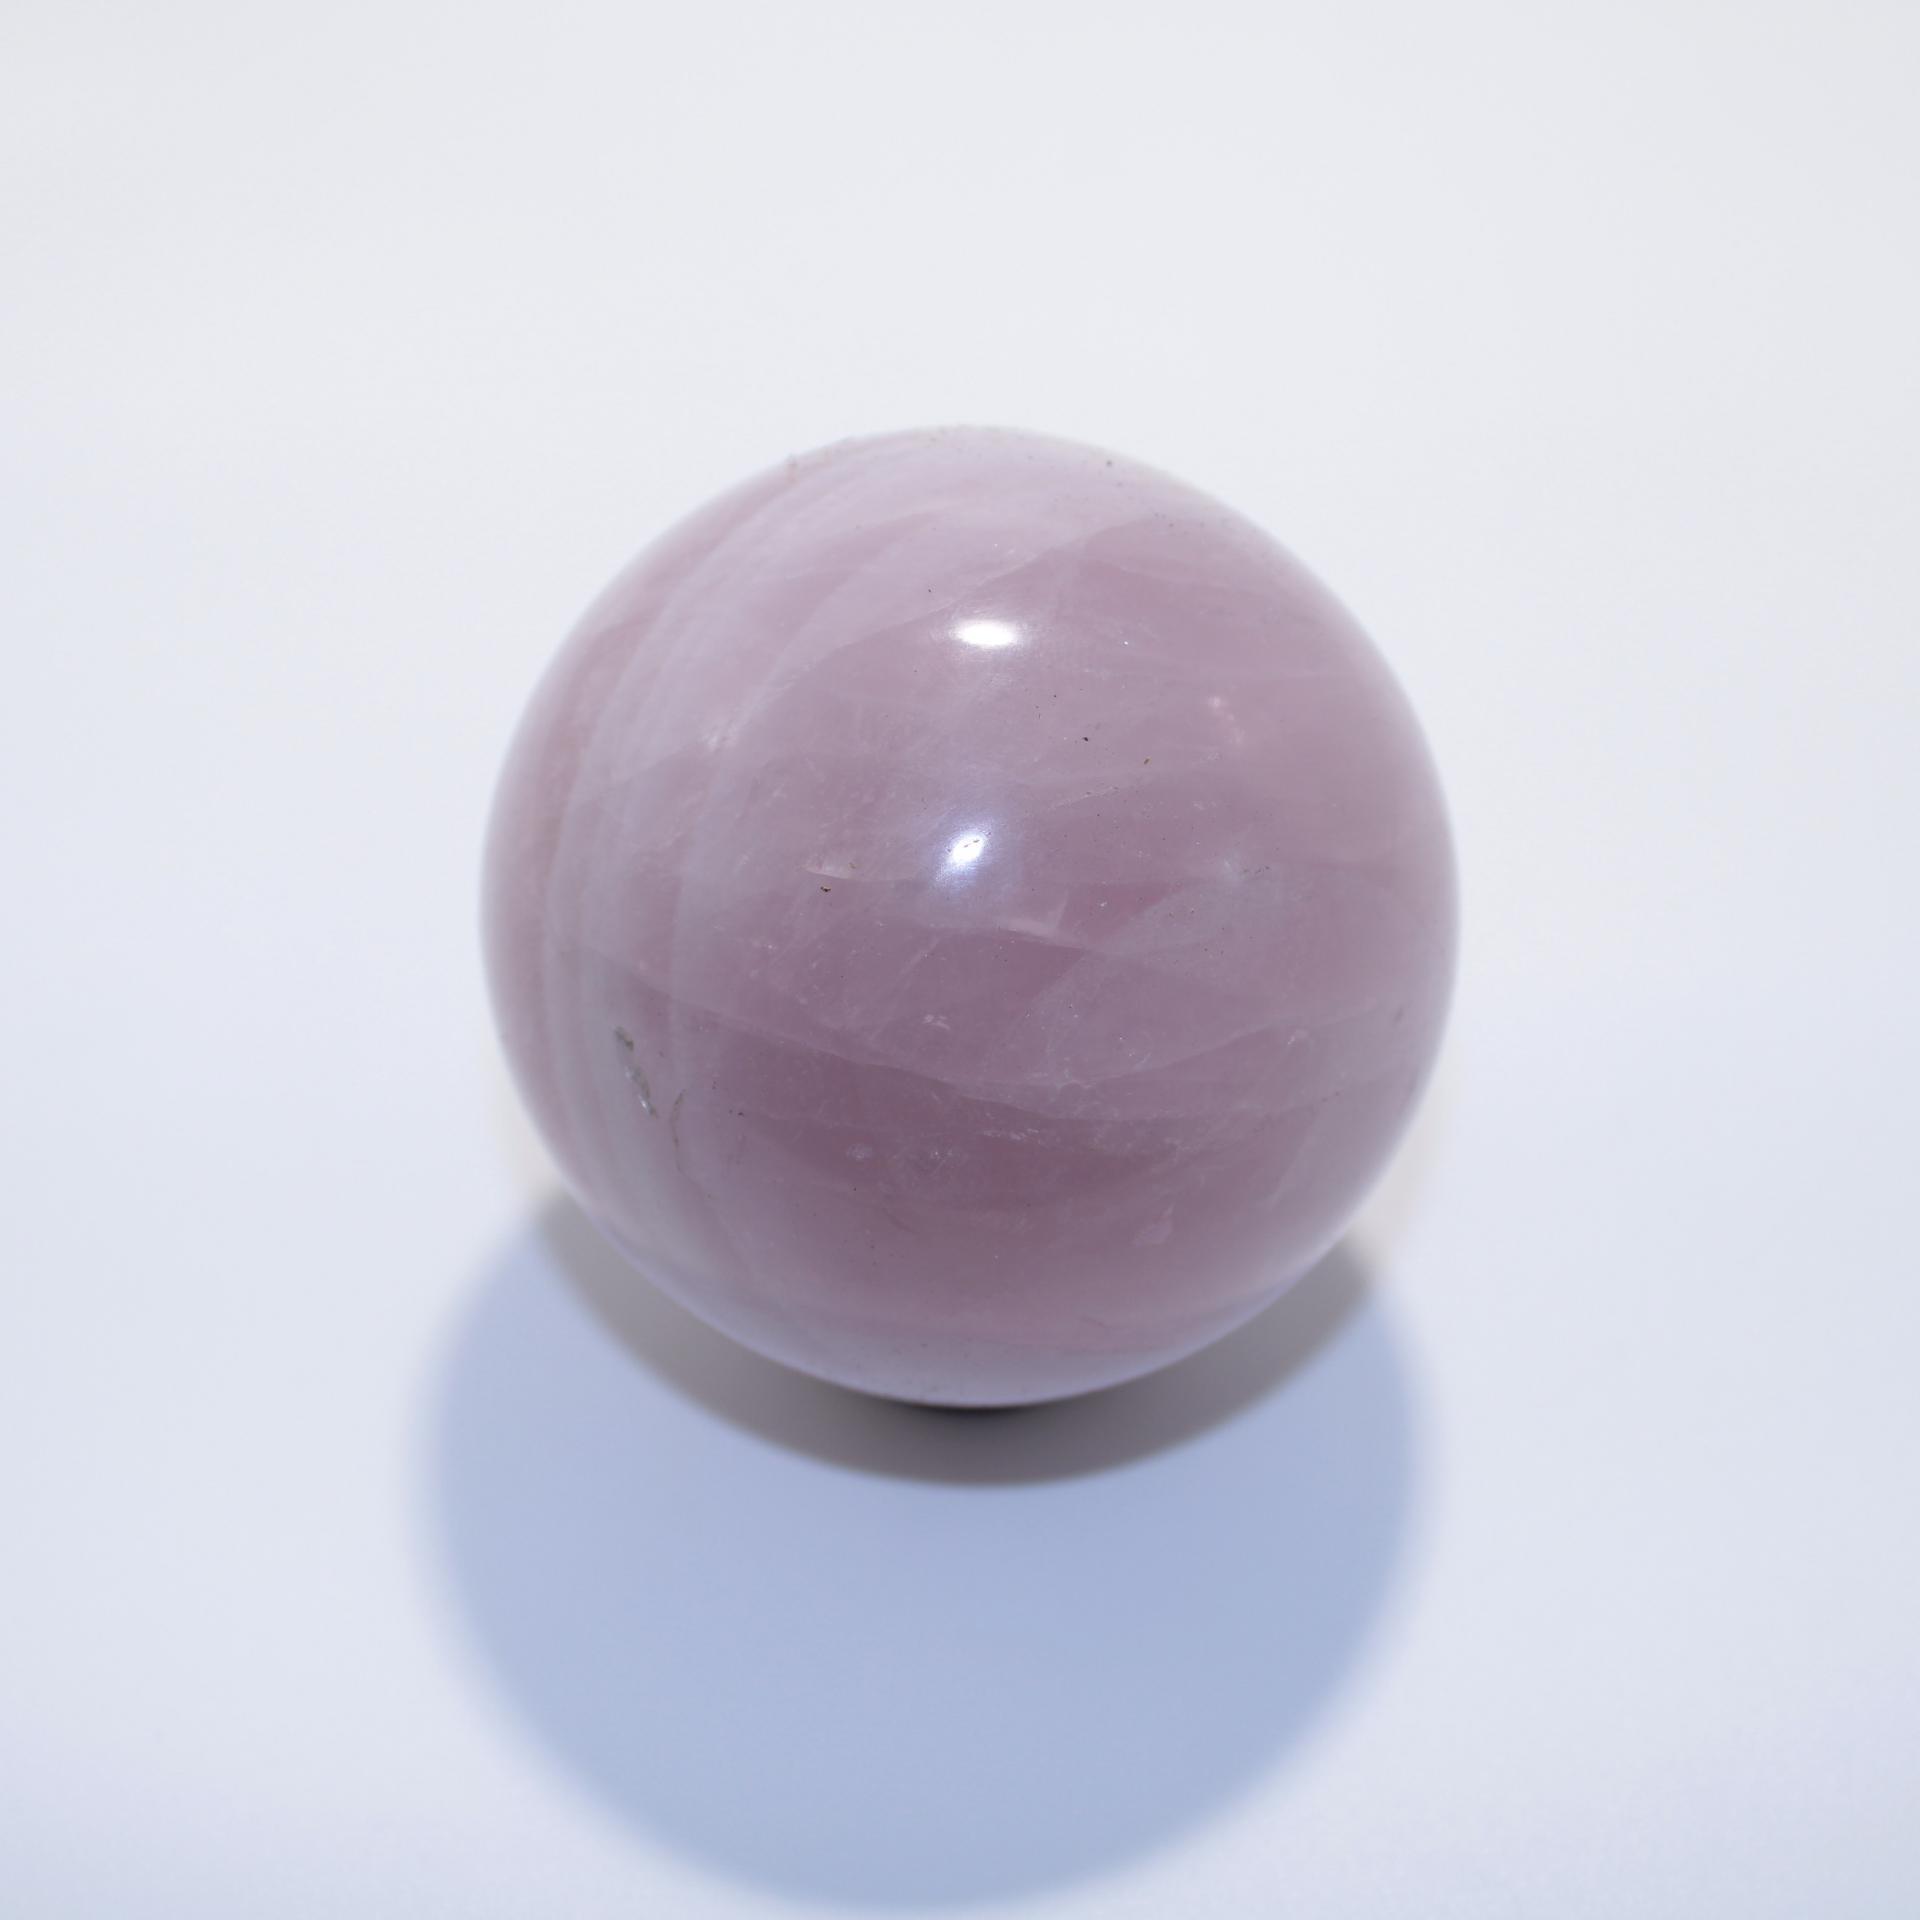 J13 sphere quartz rose 6